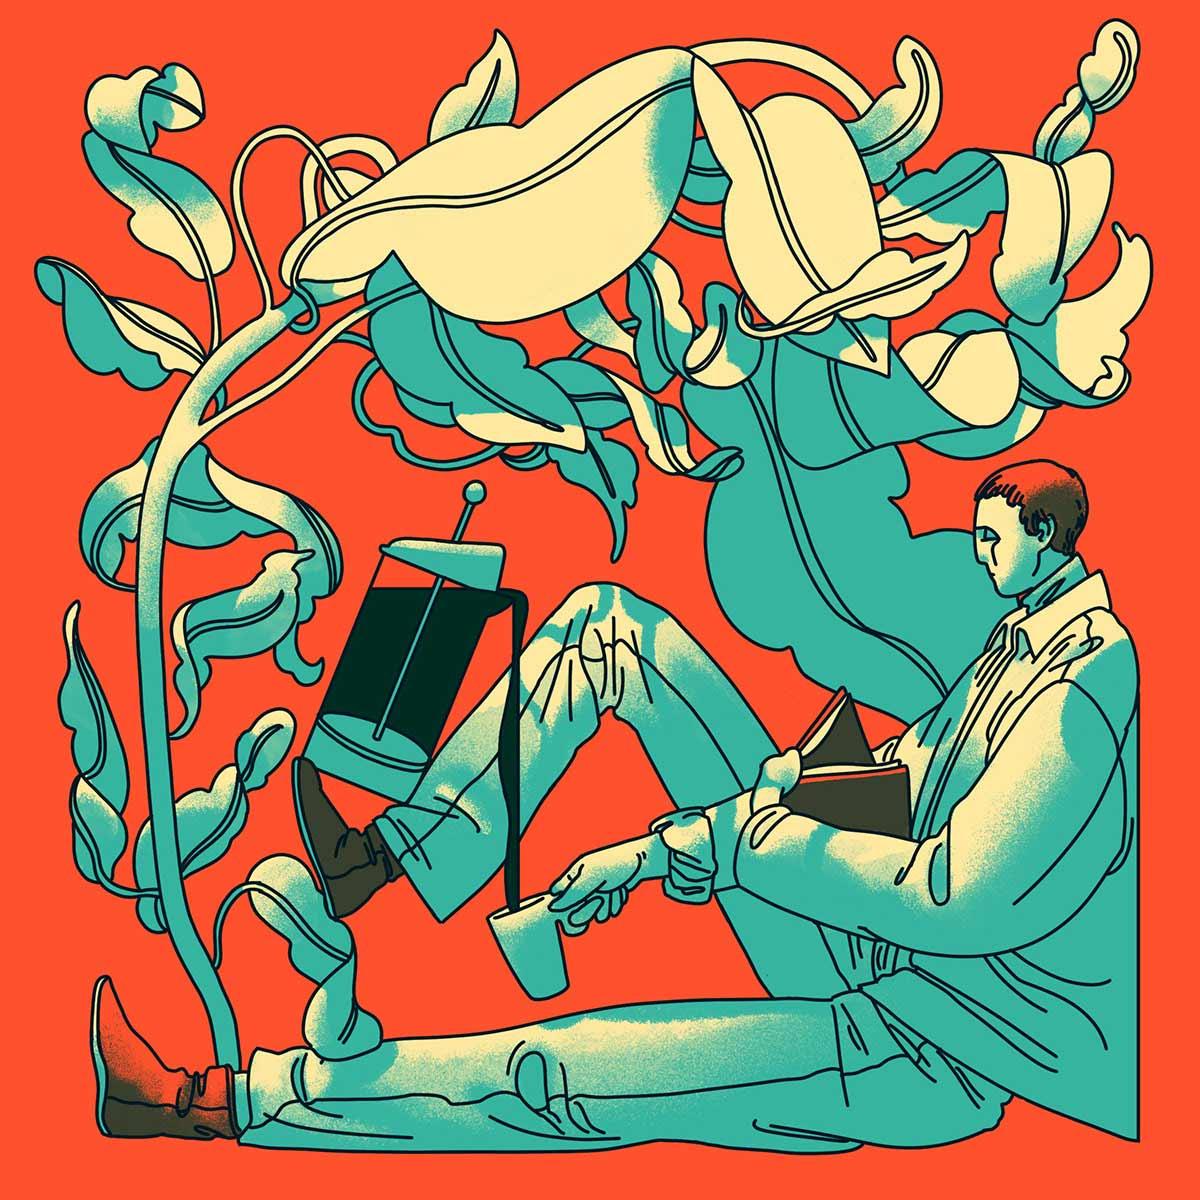 Illustrationen von Avalon Nuovo Avalon-Nuovo-illustration_05